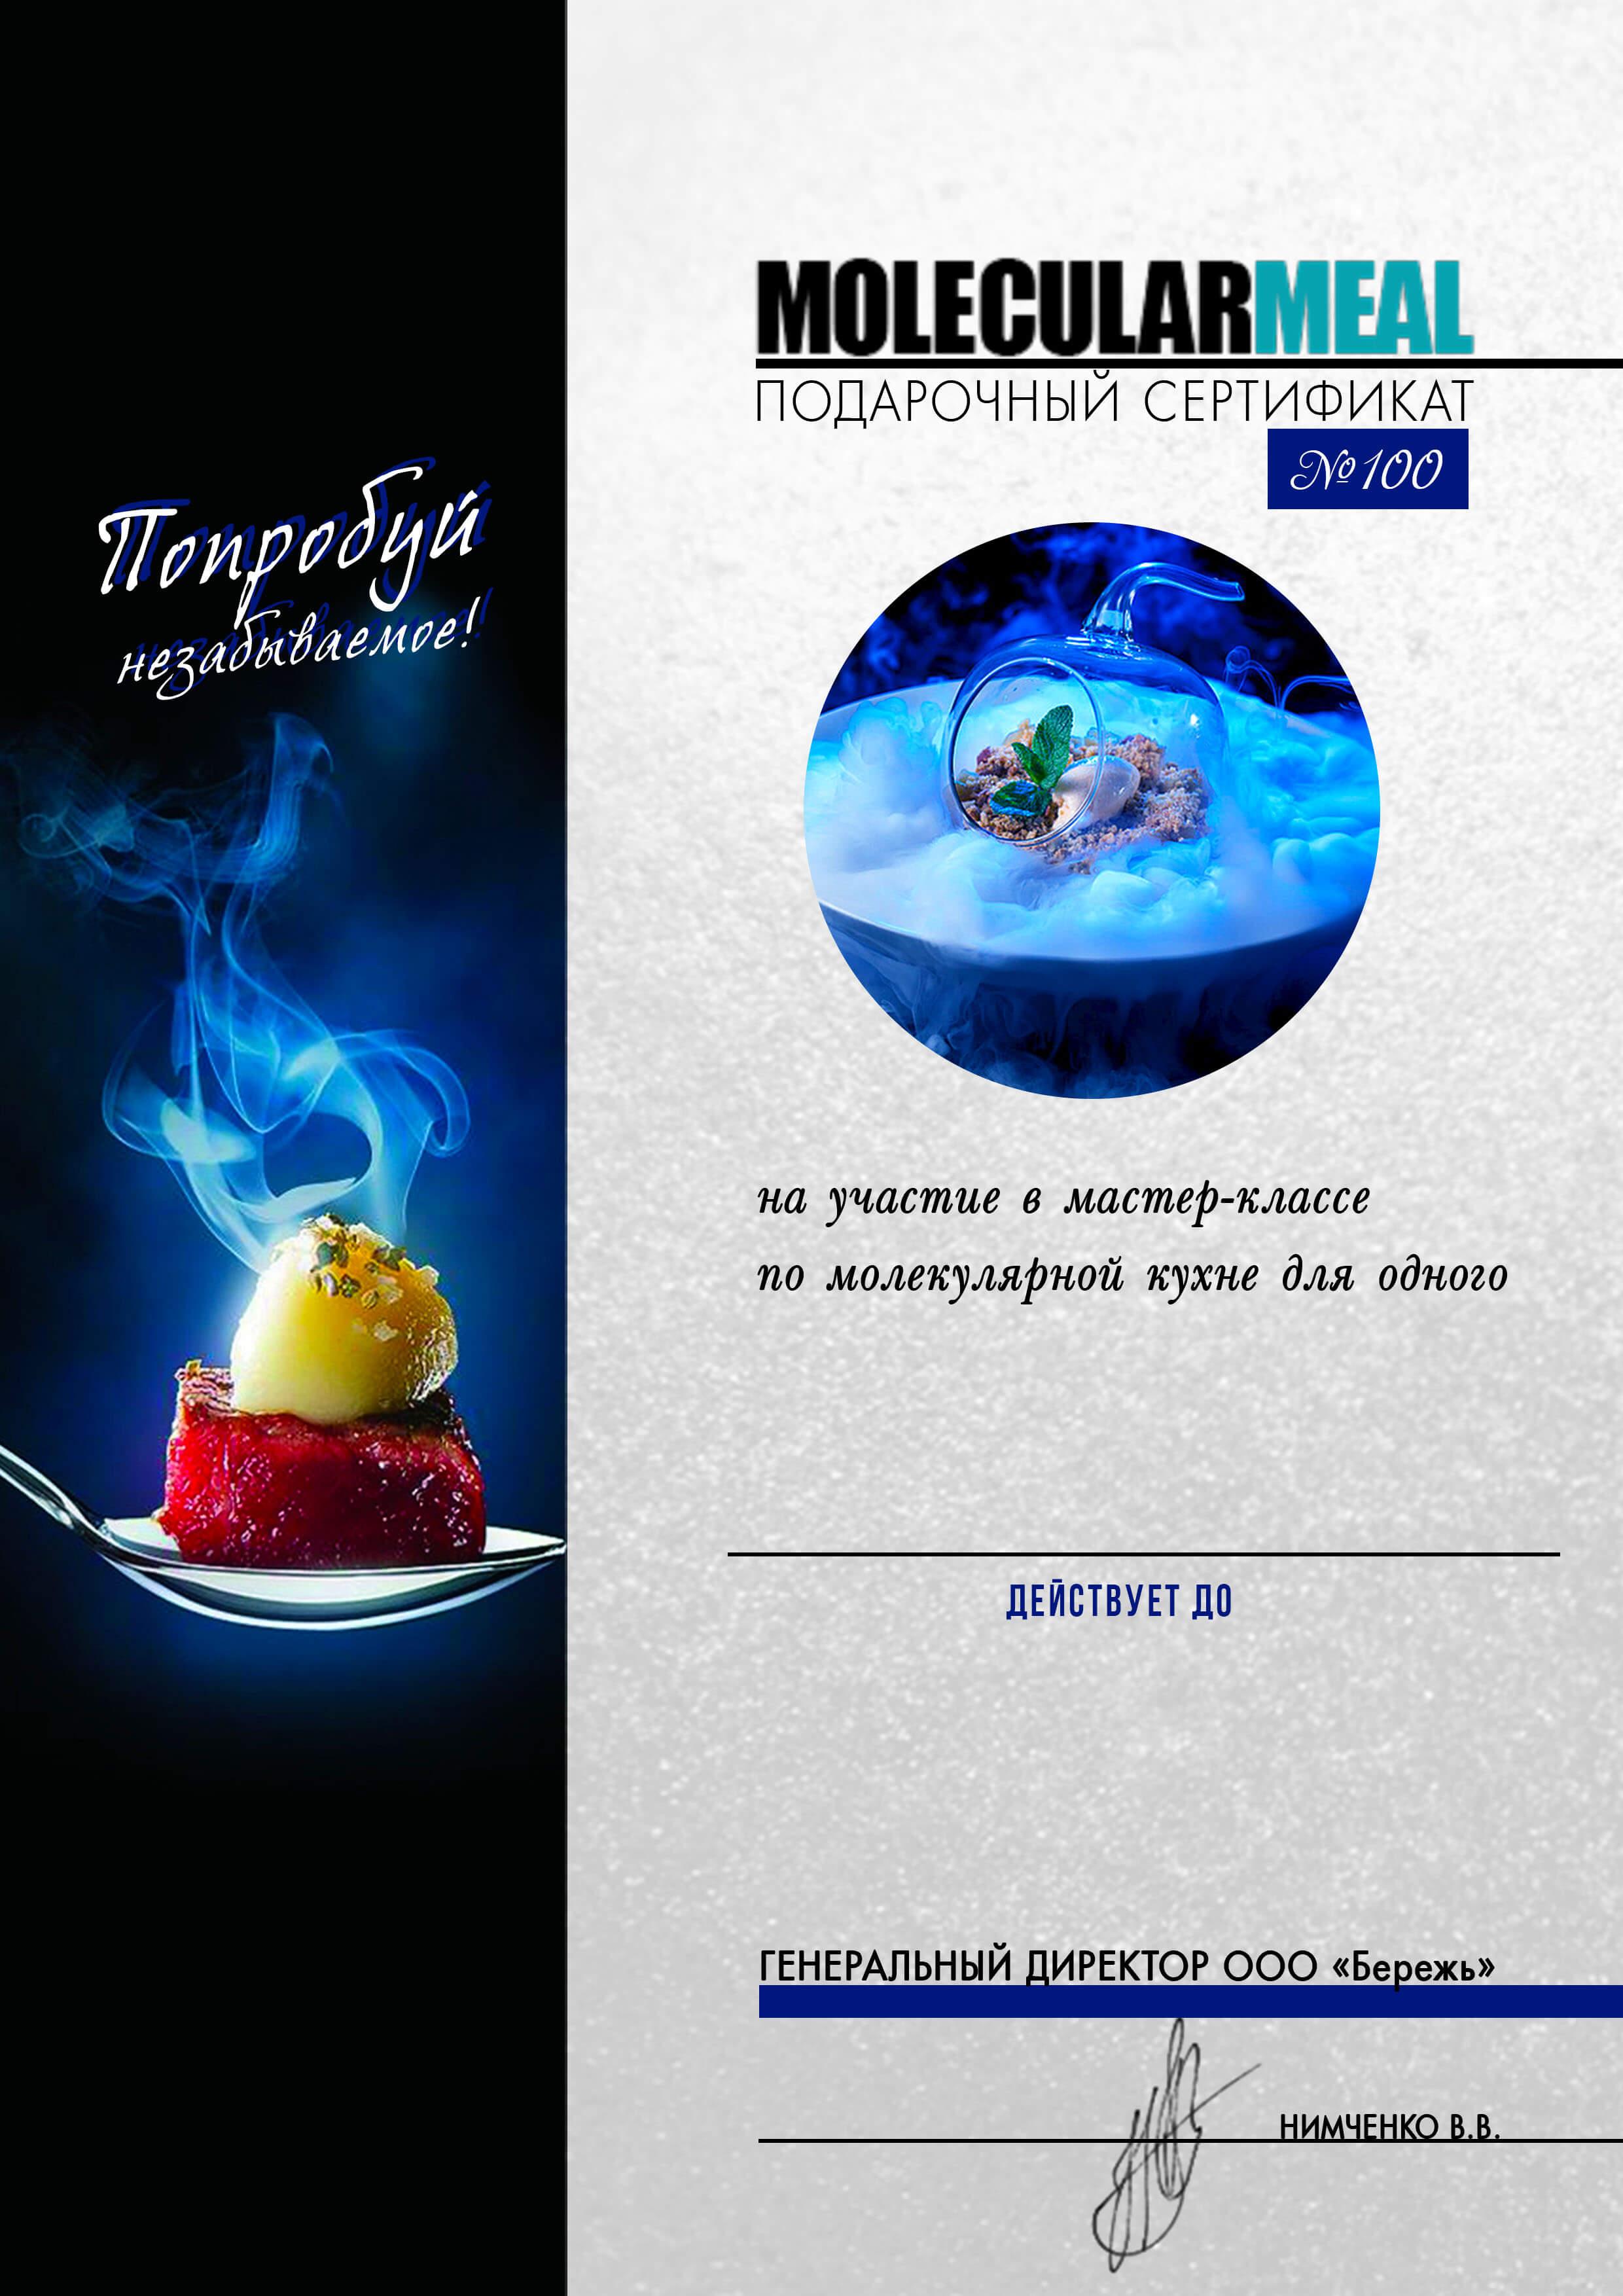 Подарочный сертификат на участие в молекулярном мастер-классе от MolecularMeal